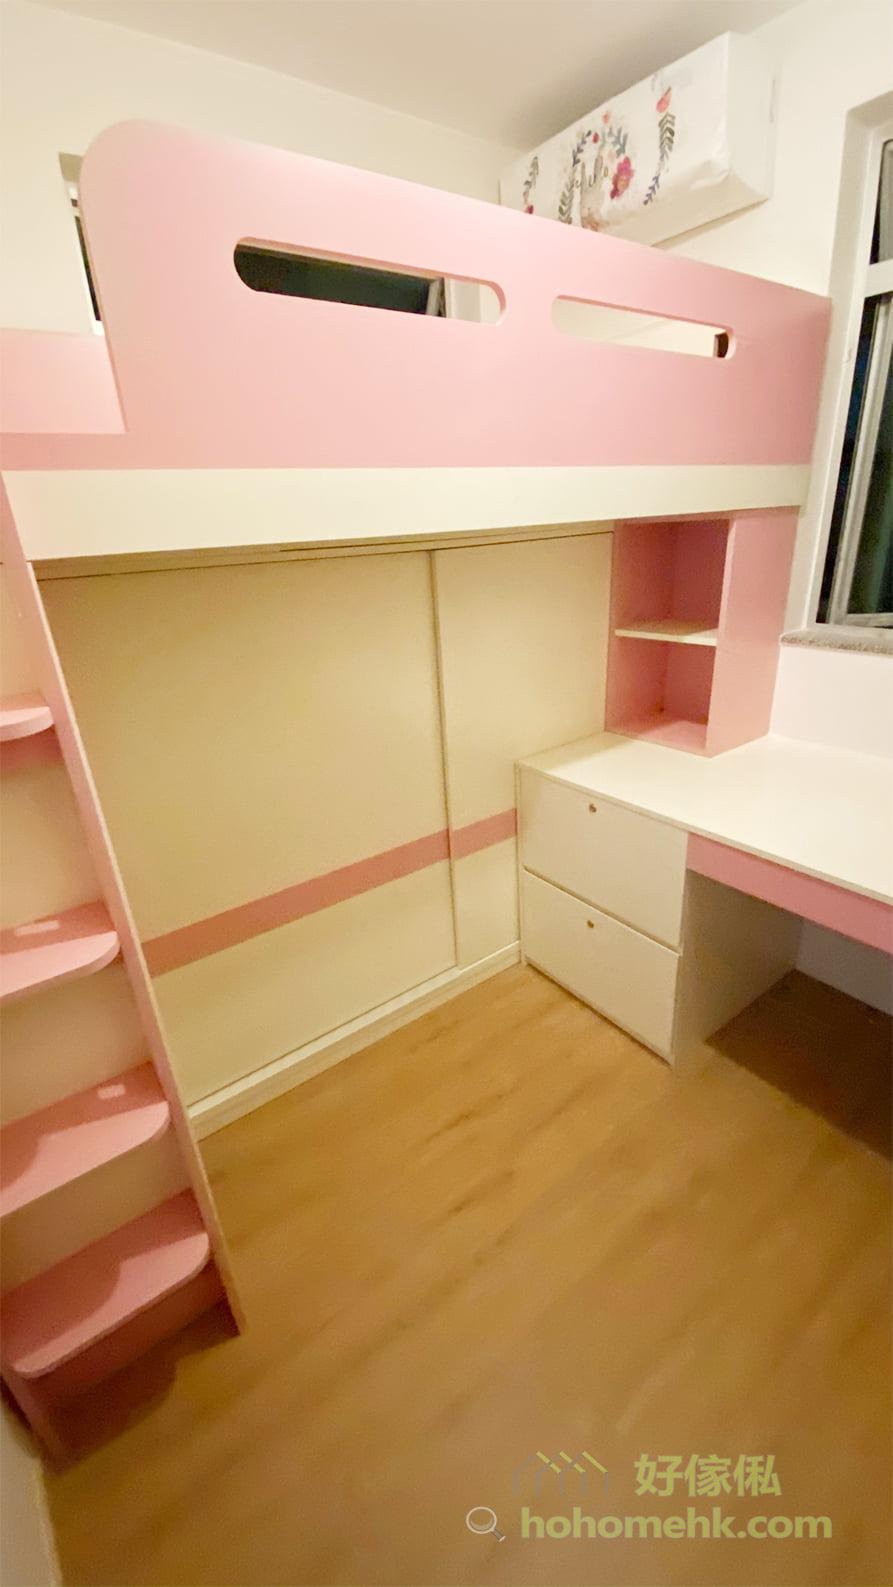 在書枱下靠側邊訂製一組有鎖的抽屜櫃,較深的抽屜可以放文件或其他重要的飾品